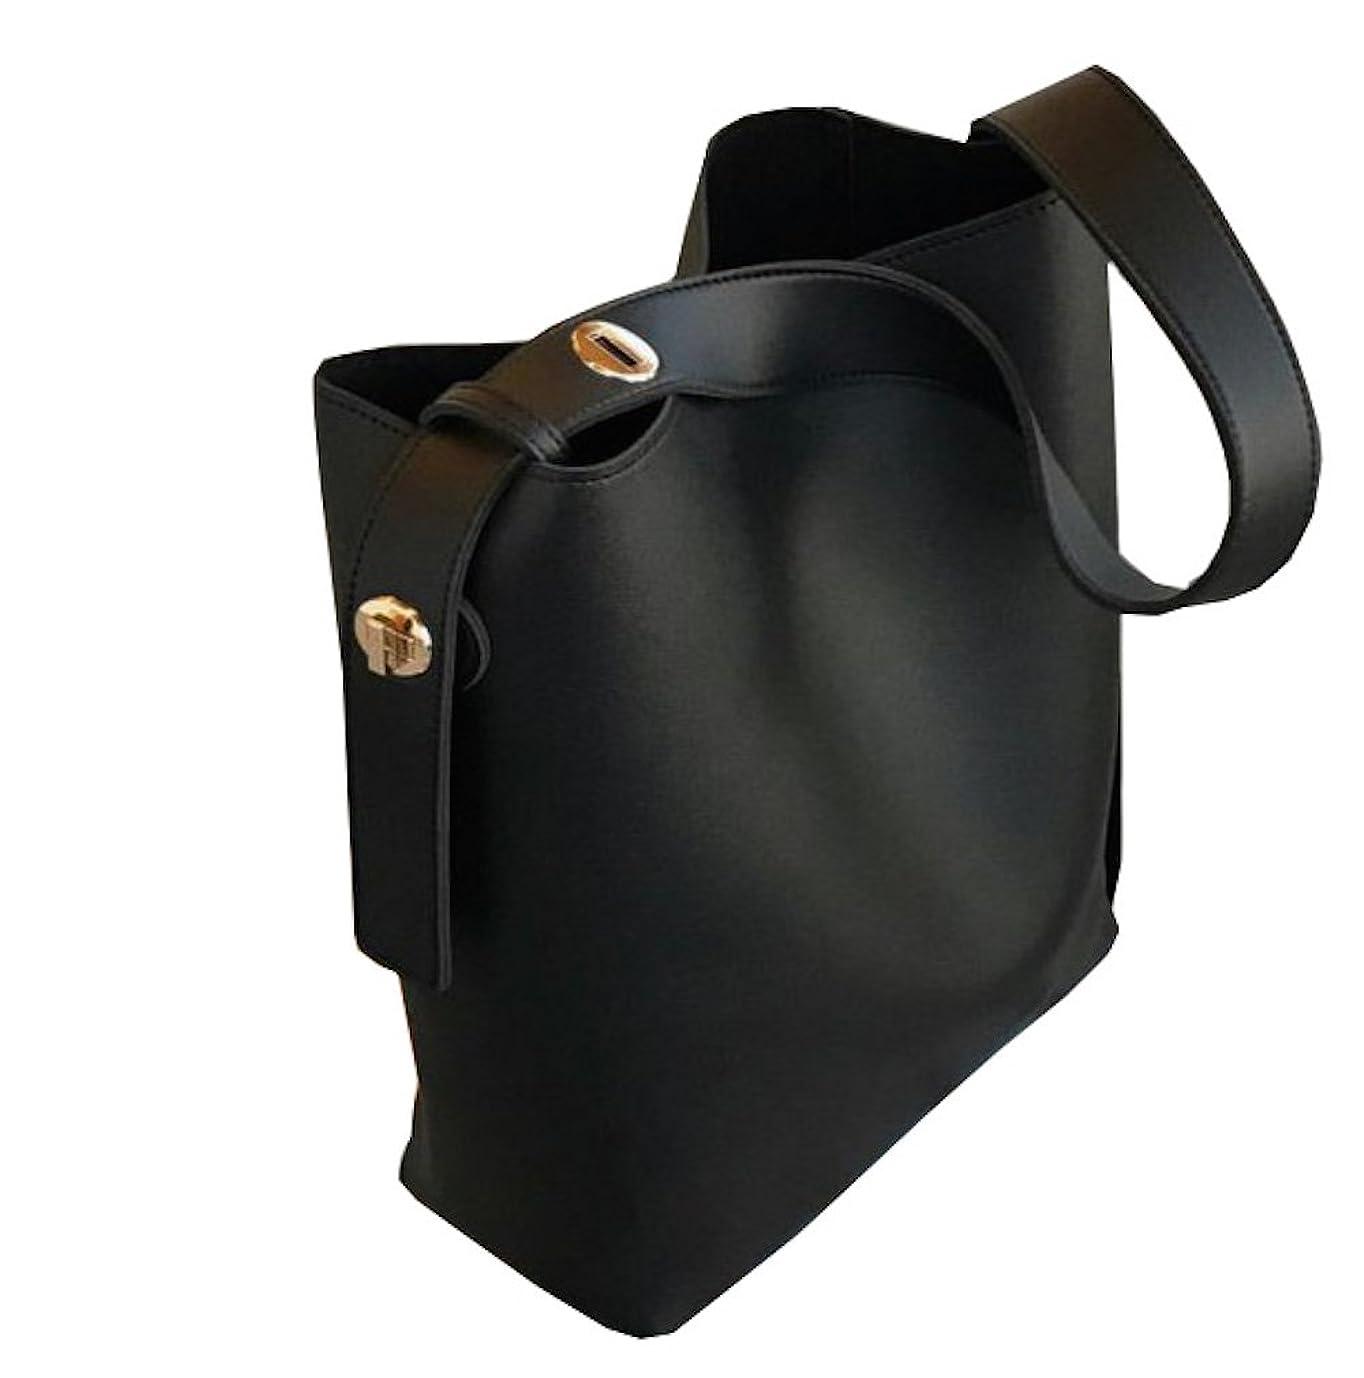 指令改修する別にトートバッグ レディース 革 レザー 肩がけ キャンバス トート 大容量 軽量